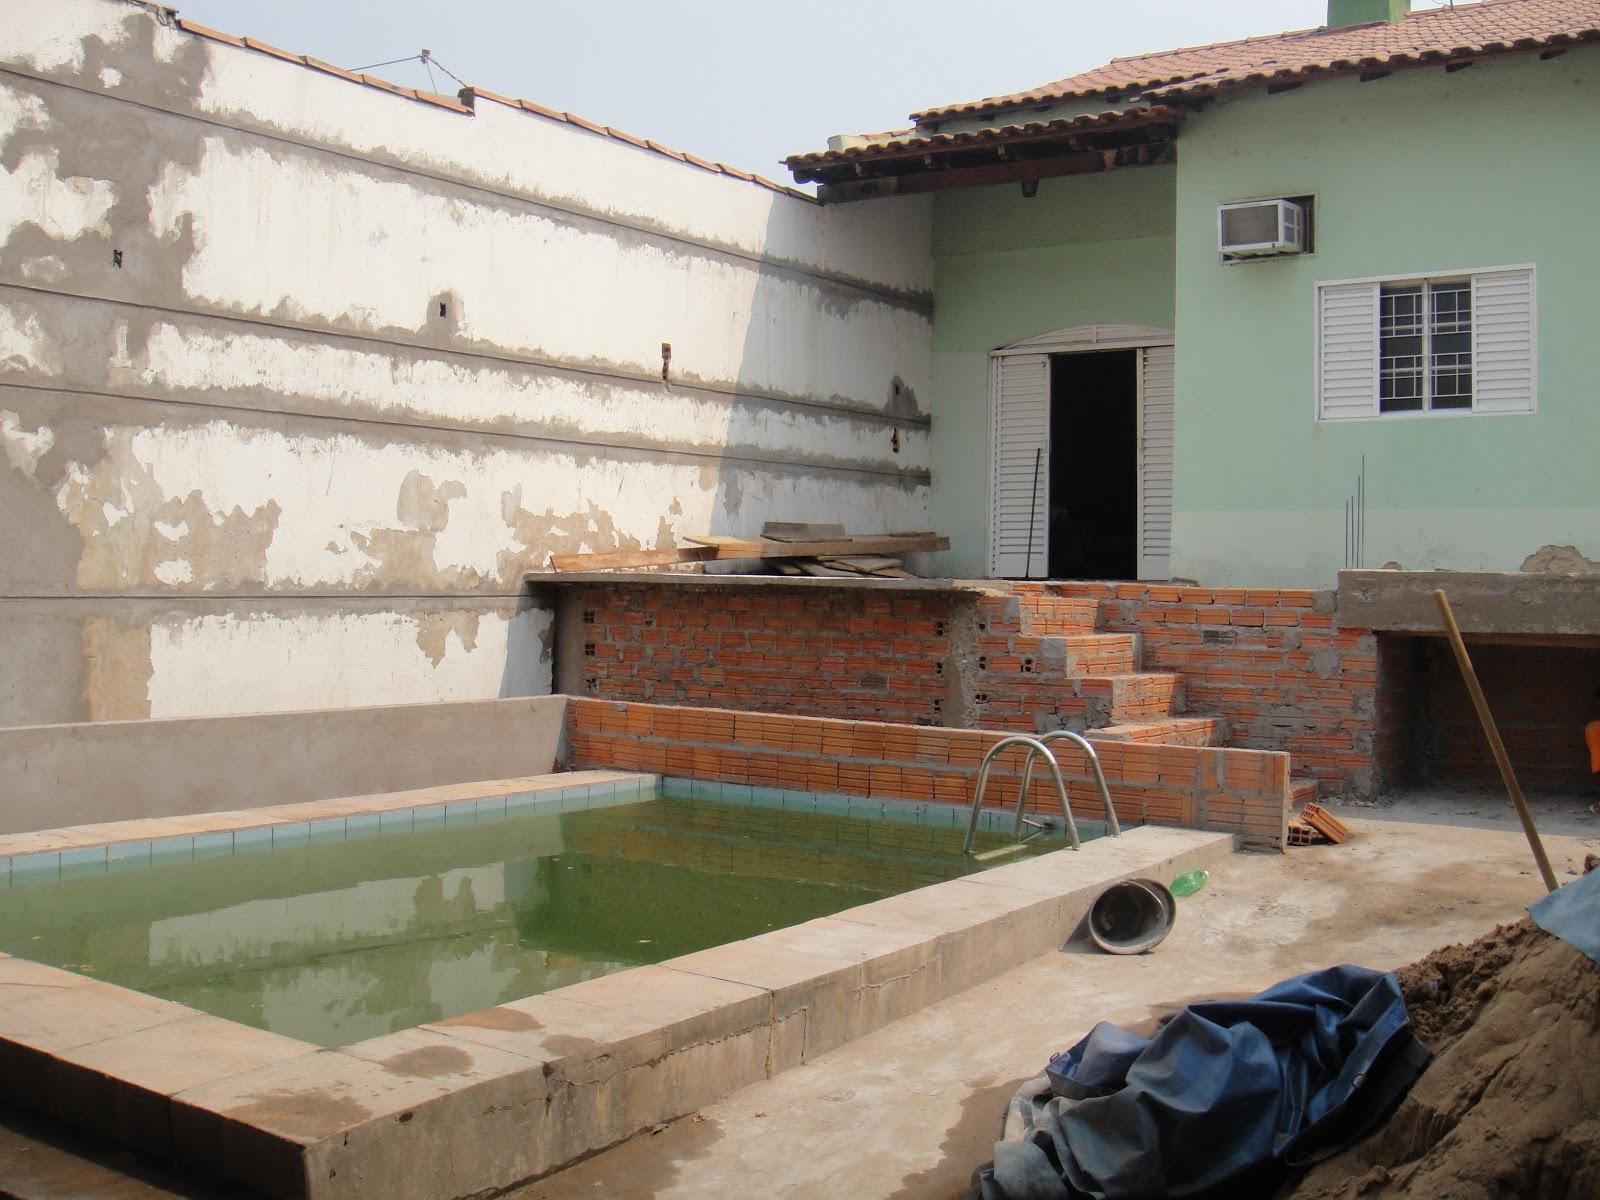 #694836 Criou se uma laje suspensa para receber os novos banheiros assim como  1600x1200 px projeto banheiro adaptado